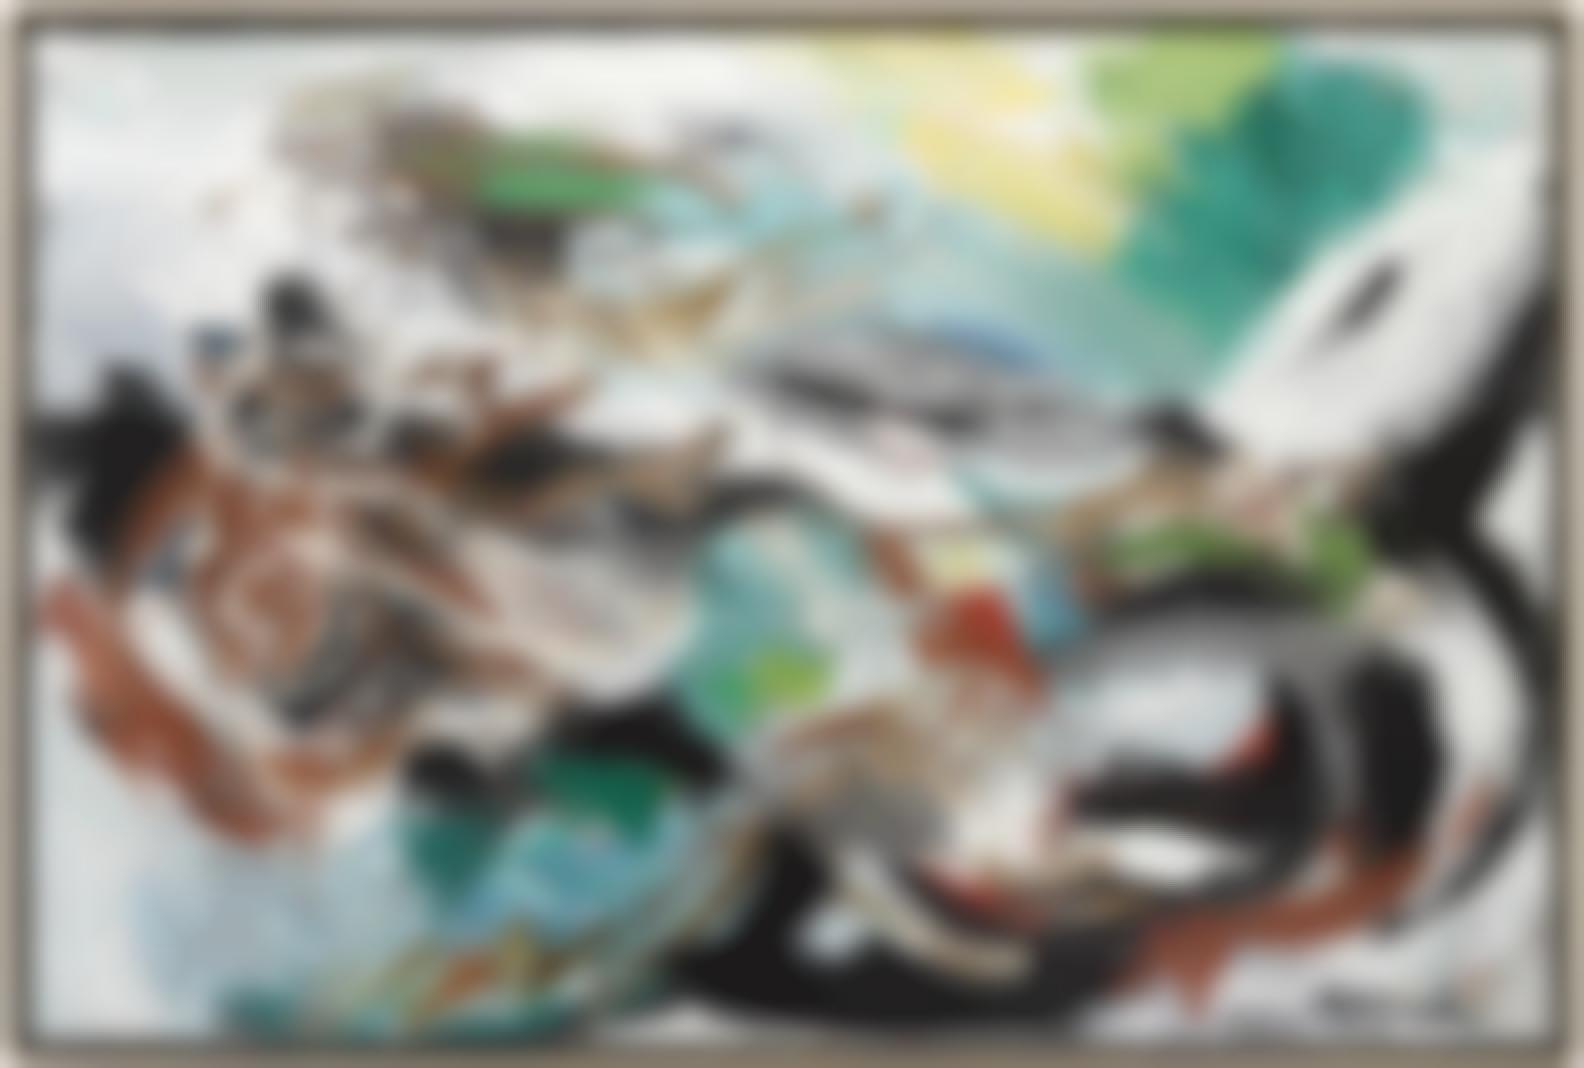 Karel Appel-Paysage Avec Squelette-1960